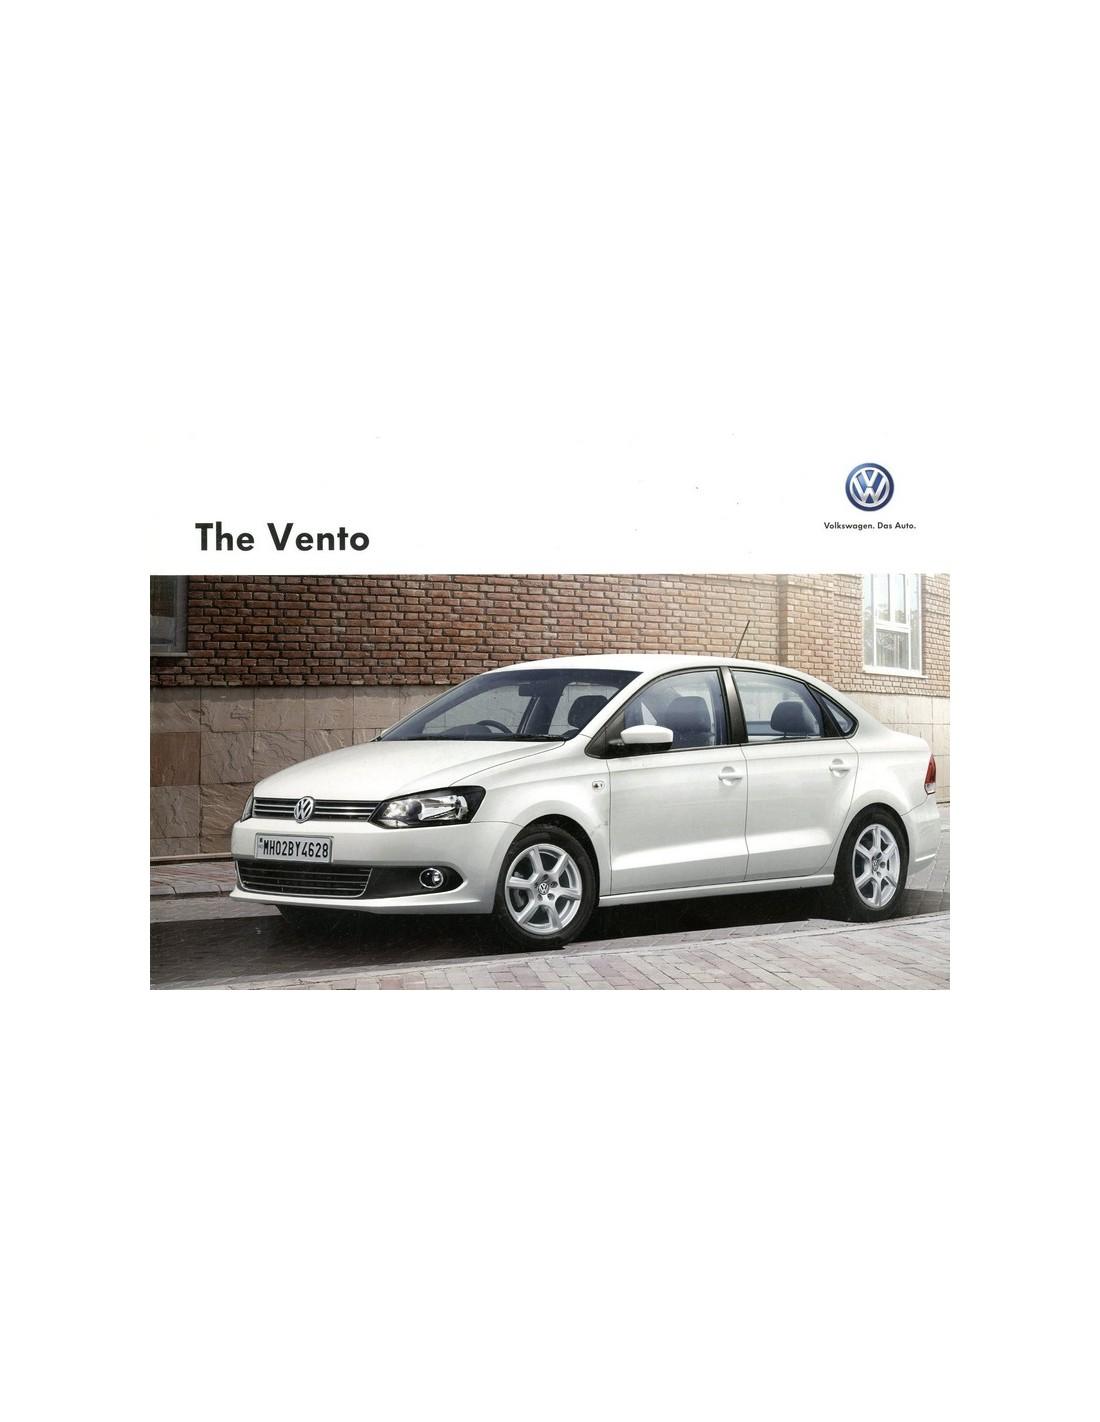 2013 Volkswagen Vento Brochure Engels